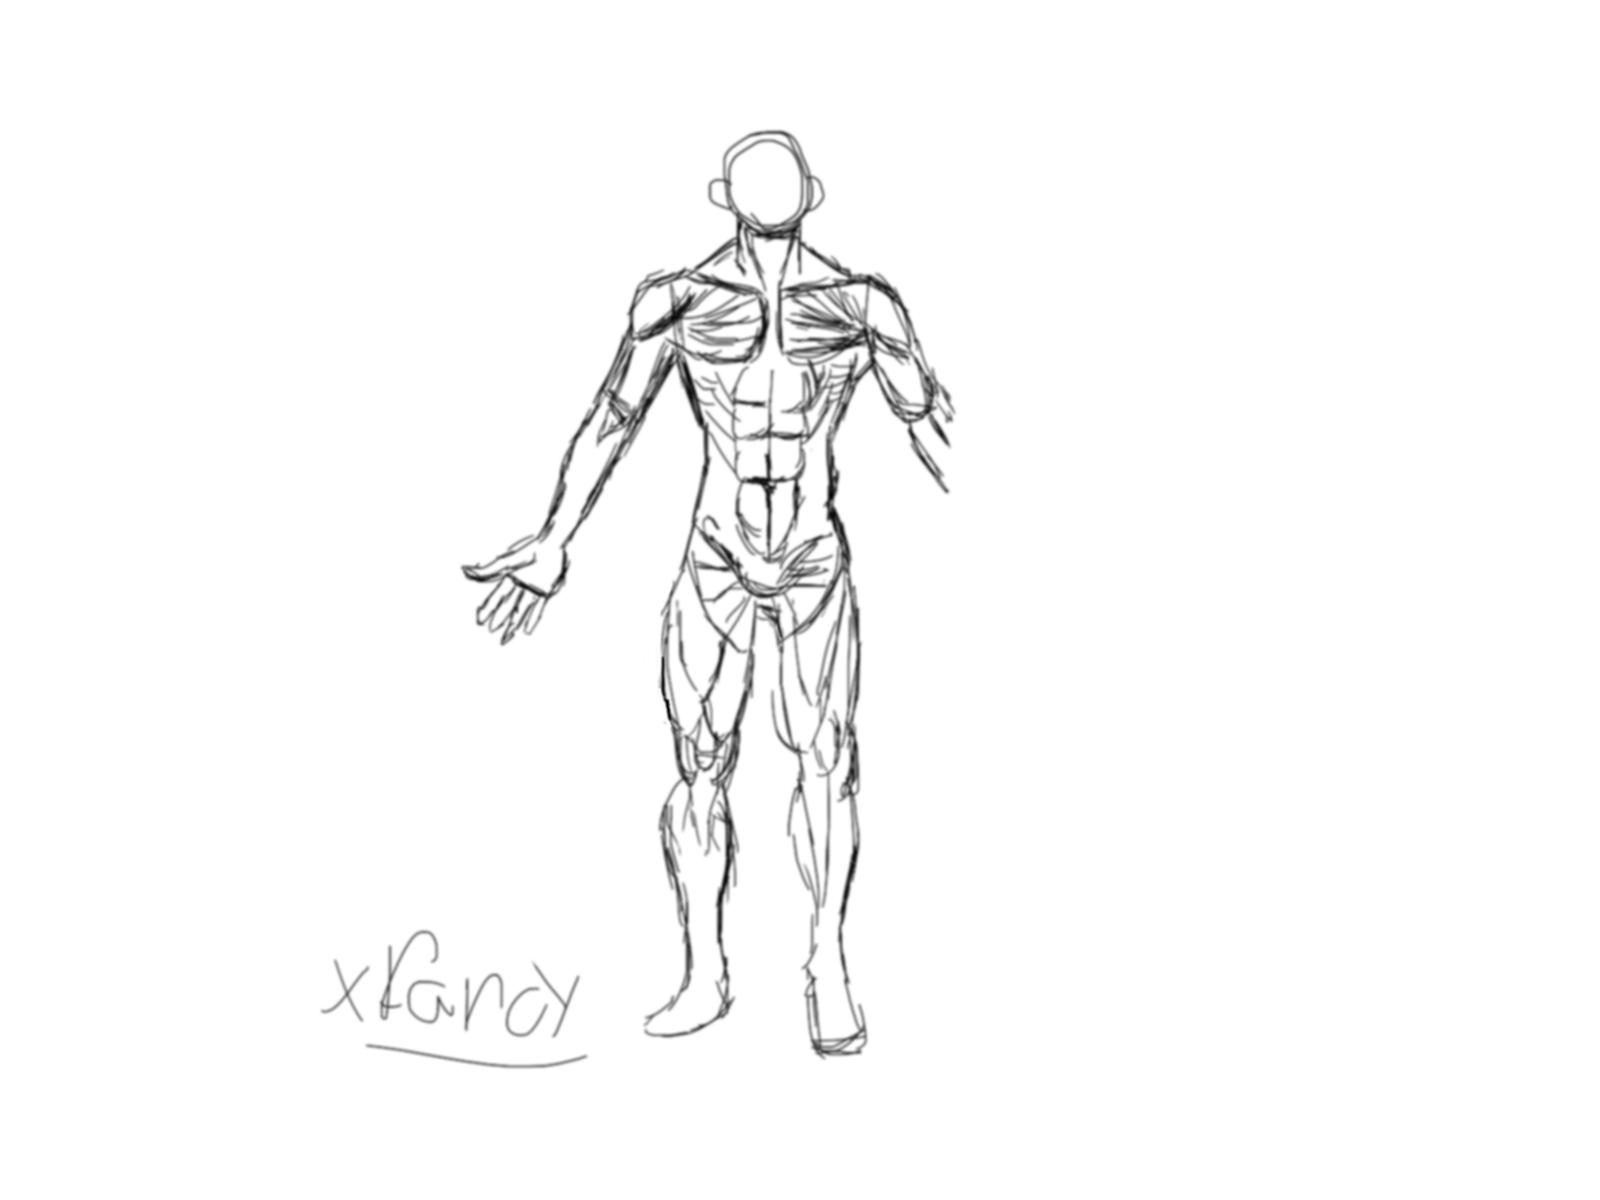 Sketch no 1.